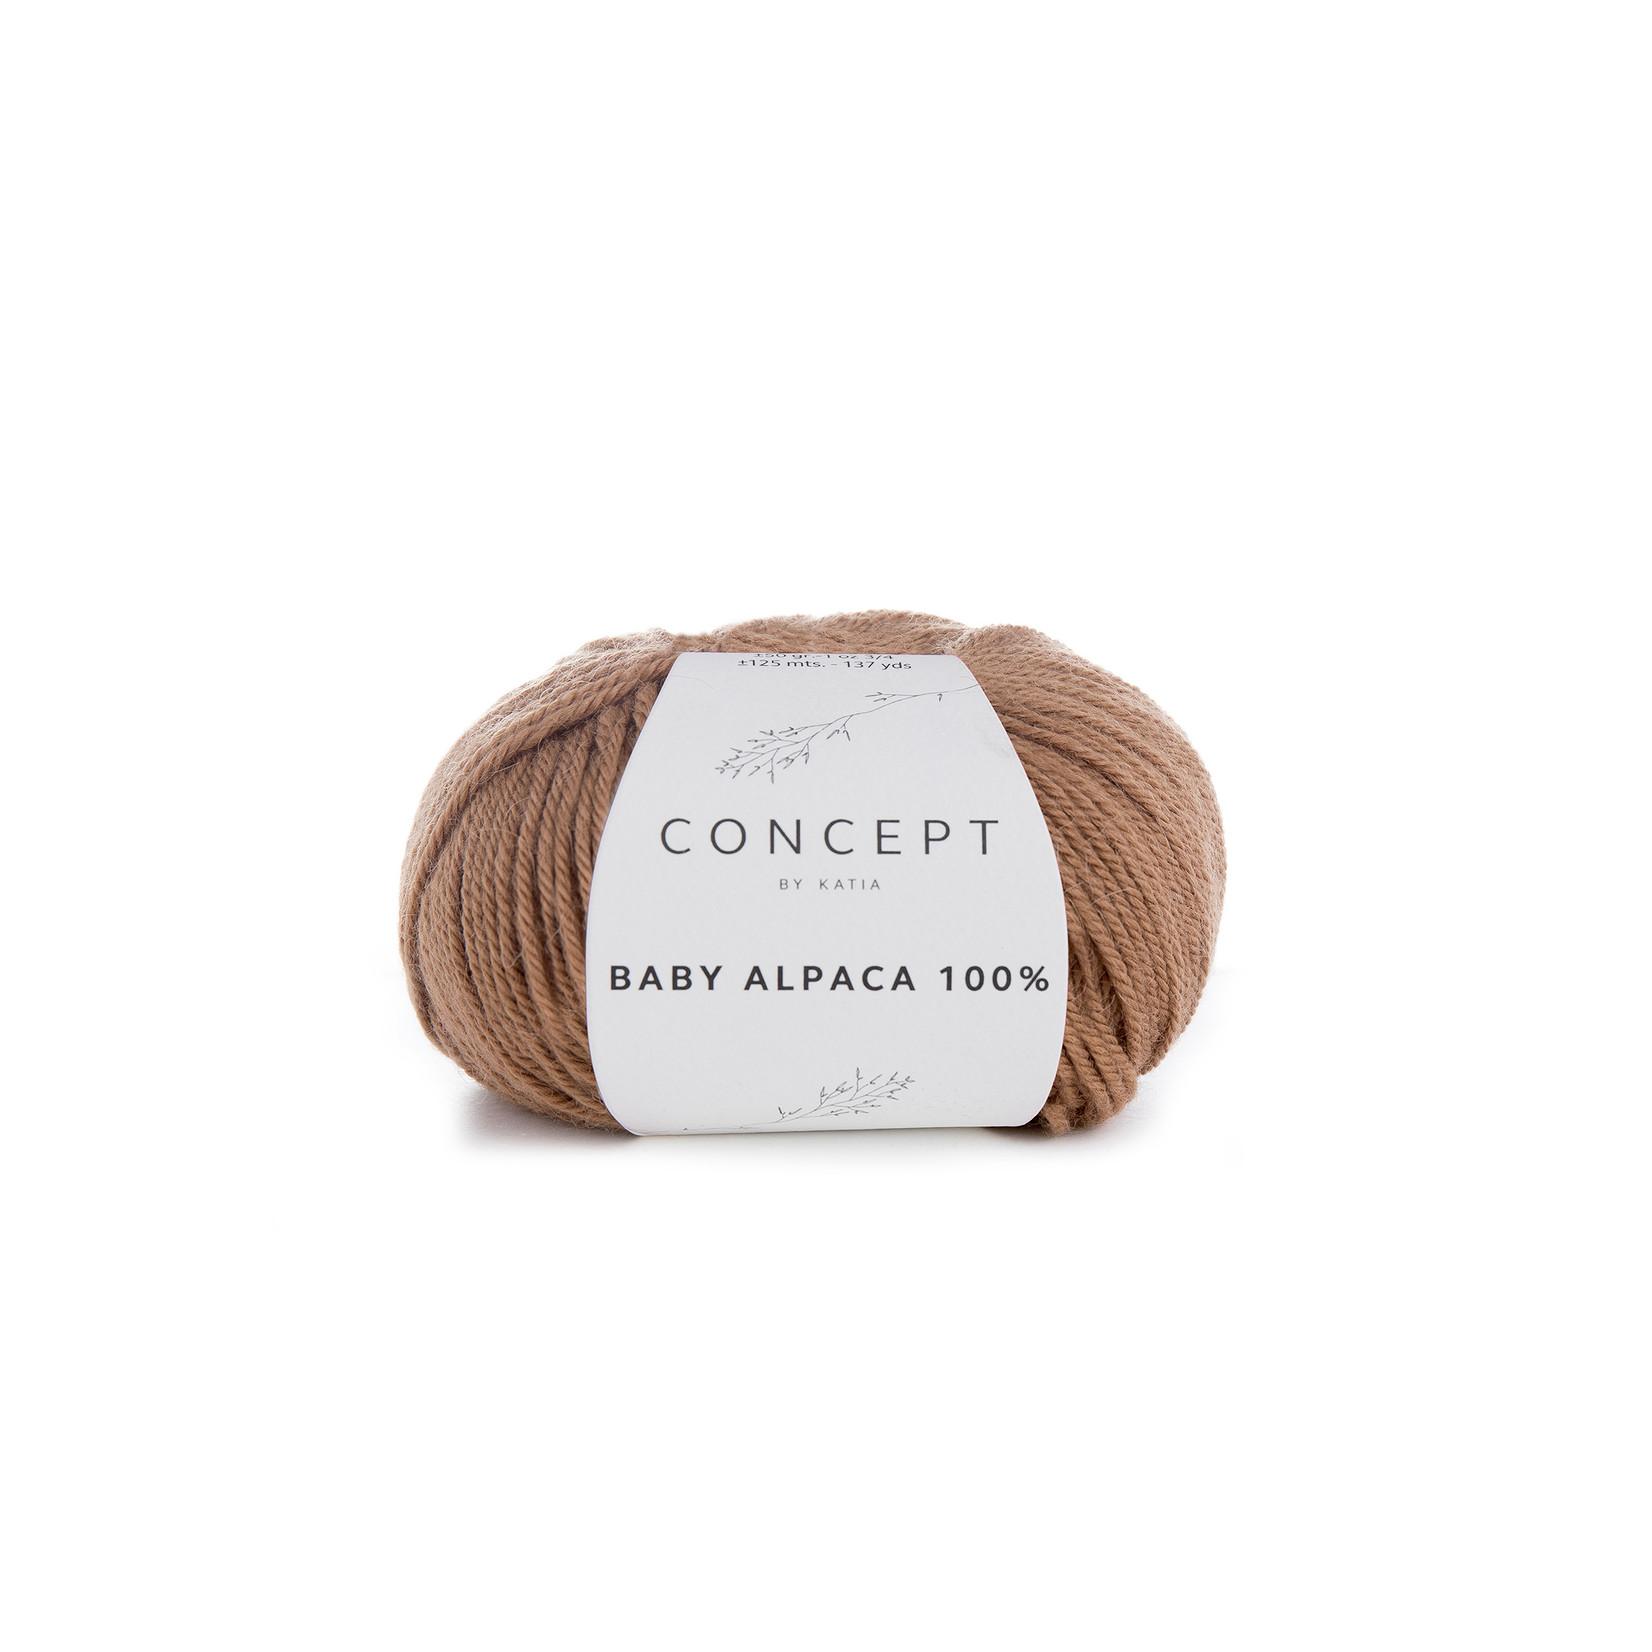 Katia Baby Alpaca 100% - kleur 508 - Camel - 50 gr. = 125 m. - 100% Baby Alpaca